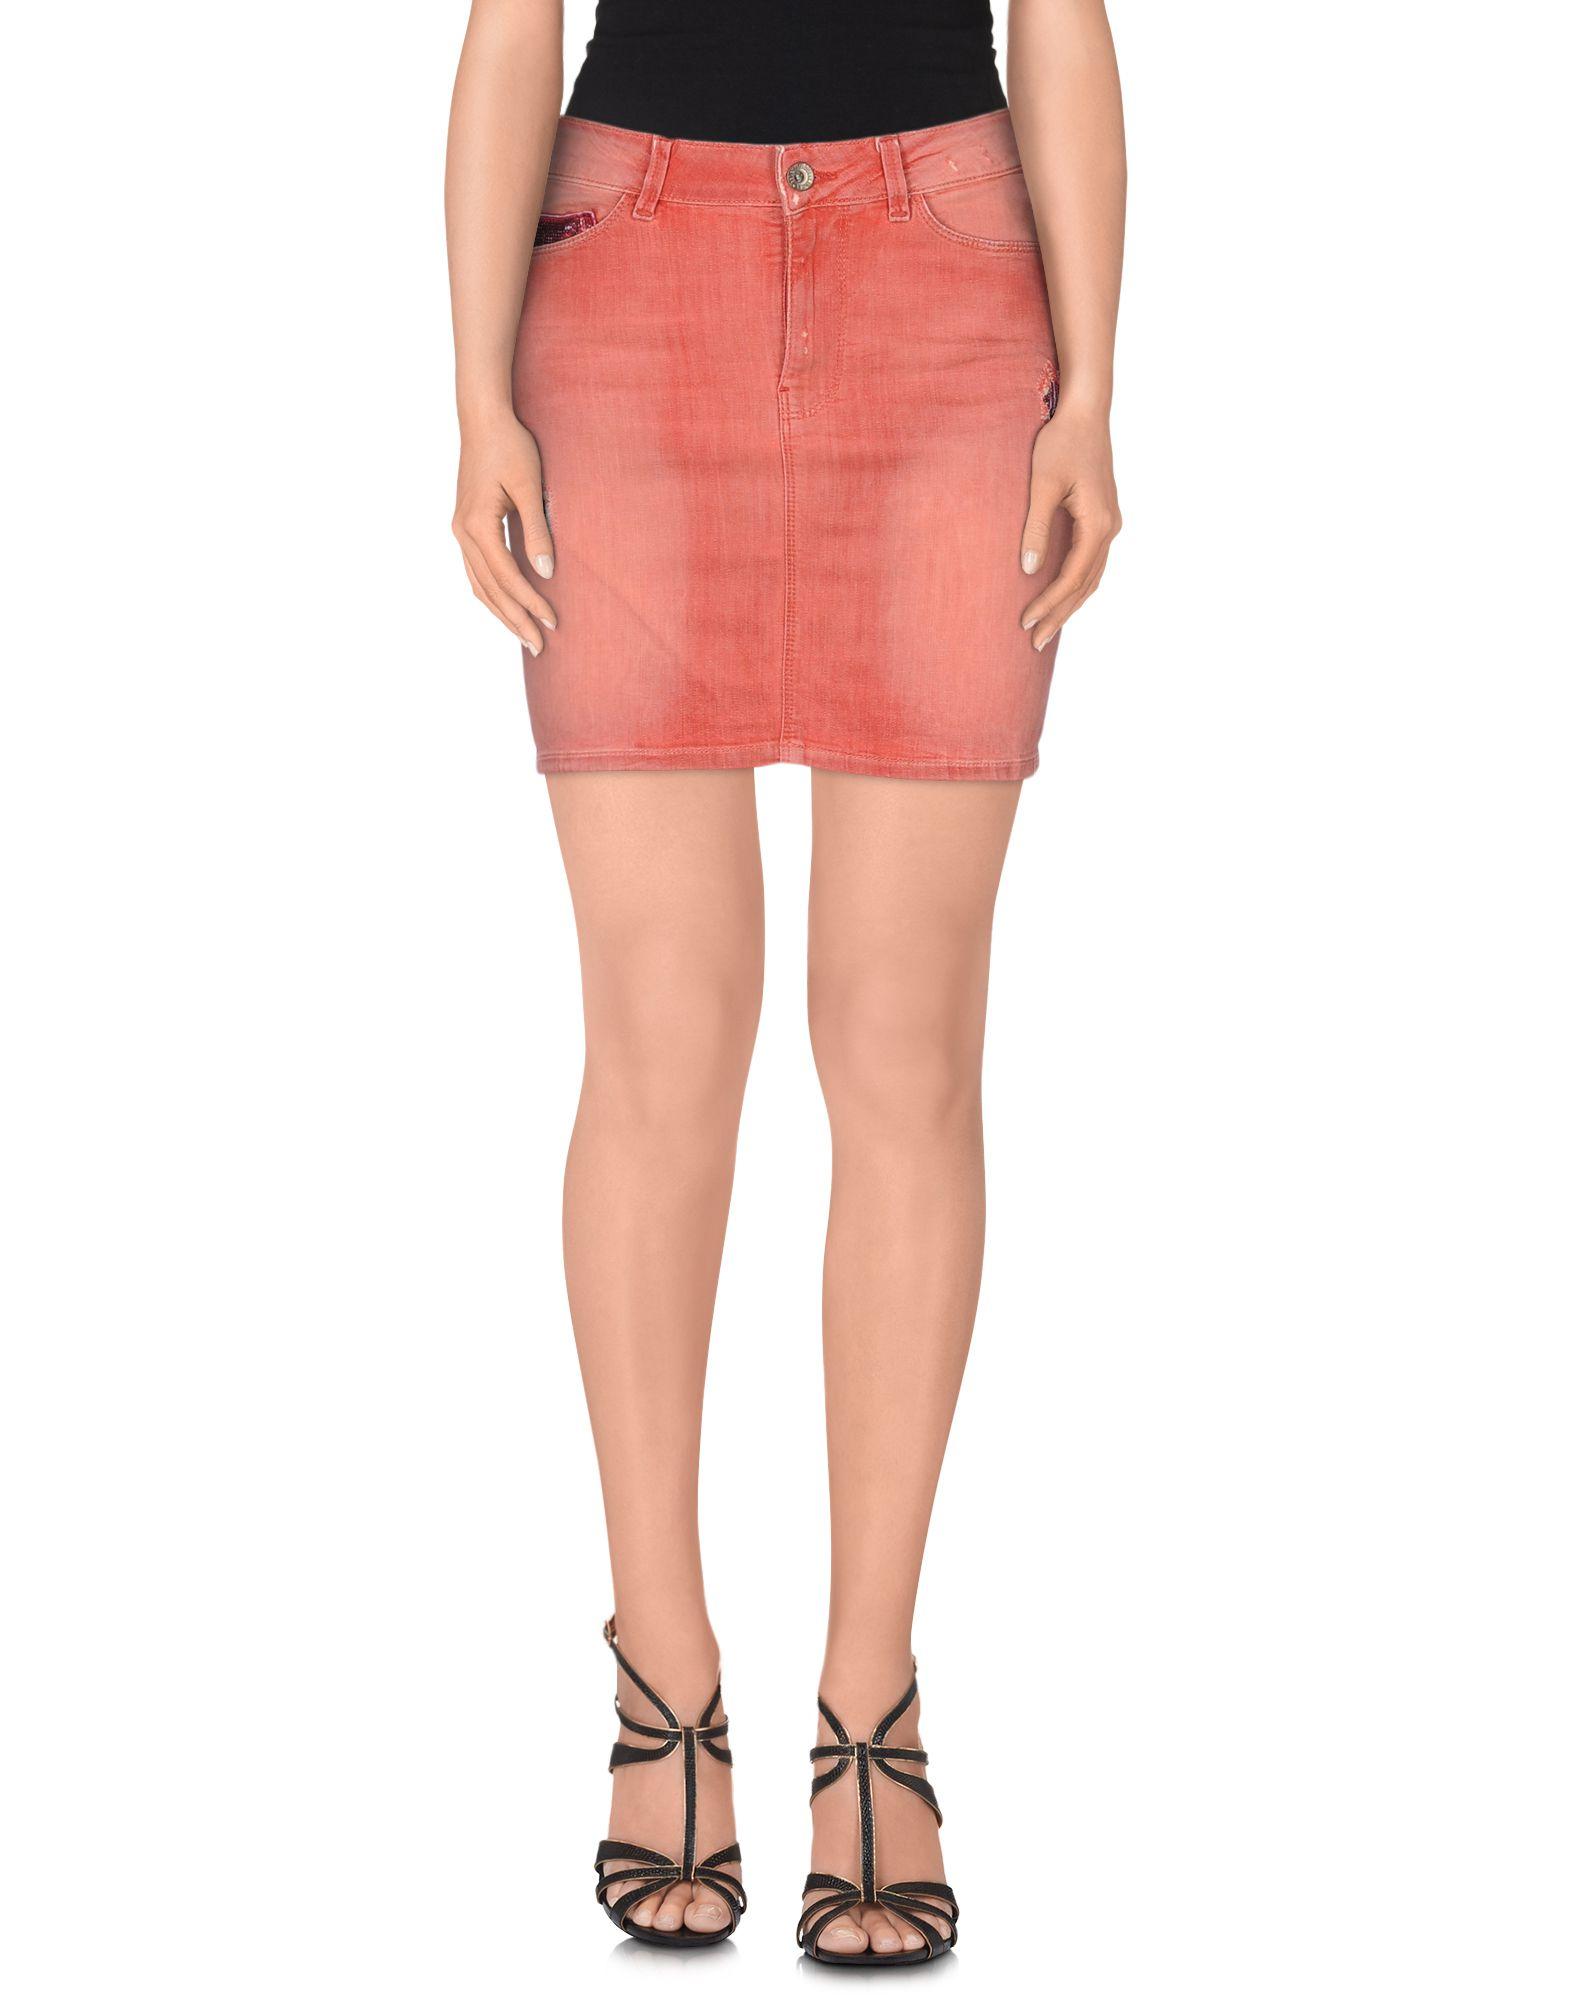 GUESS Джинсовая юбка vinemo vorneoco корейская версия высокой талии слот пакет юбка джинсовая юбка юбка юбка r1540 серый xl